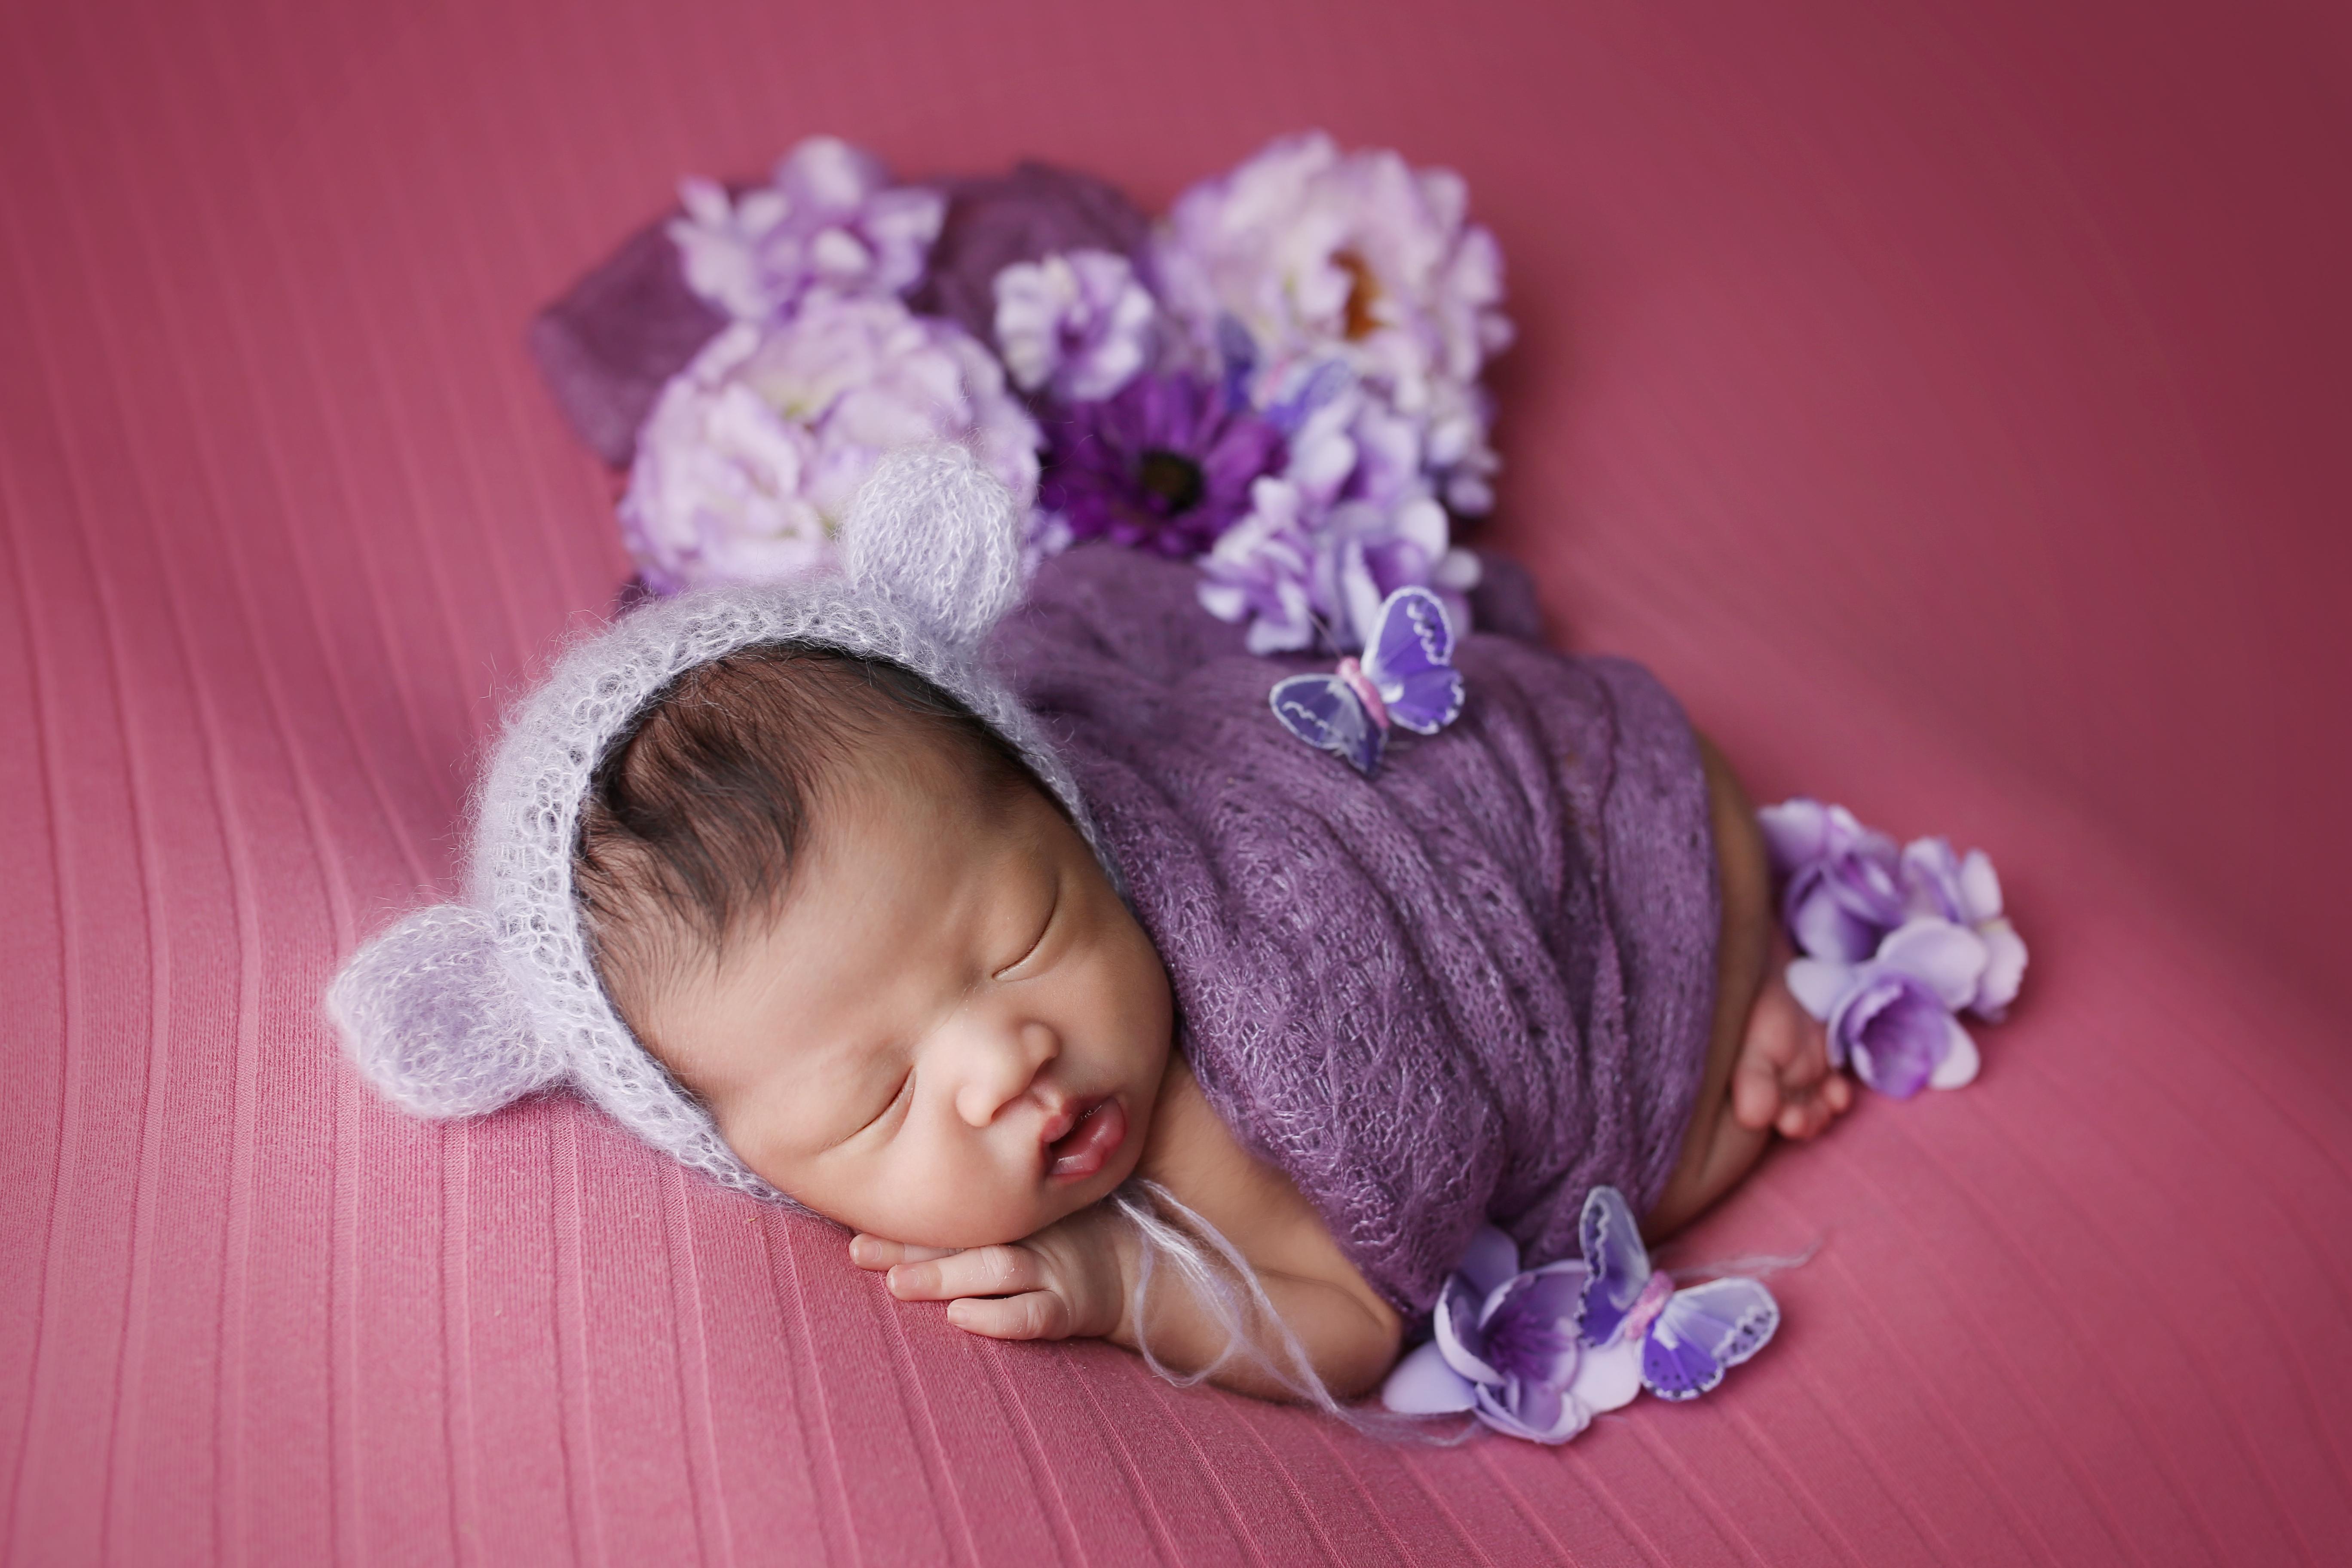 newborn photography anaheim hills ca